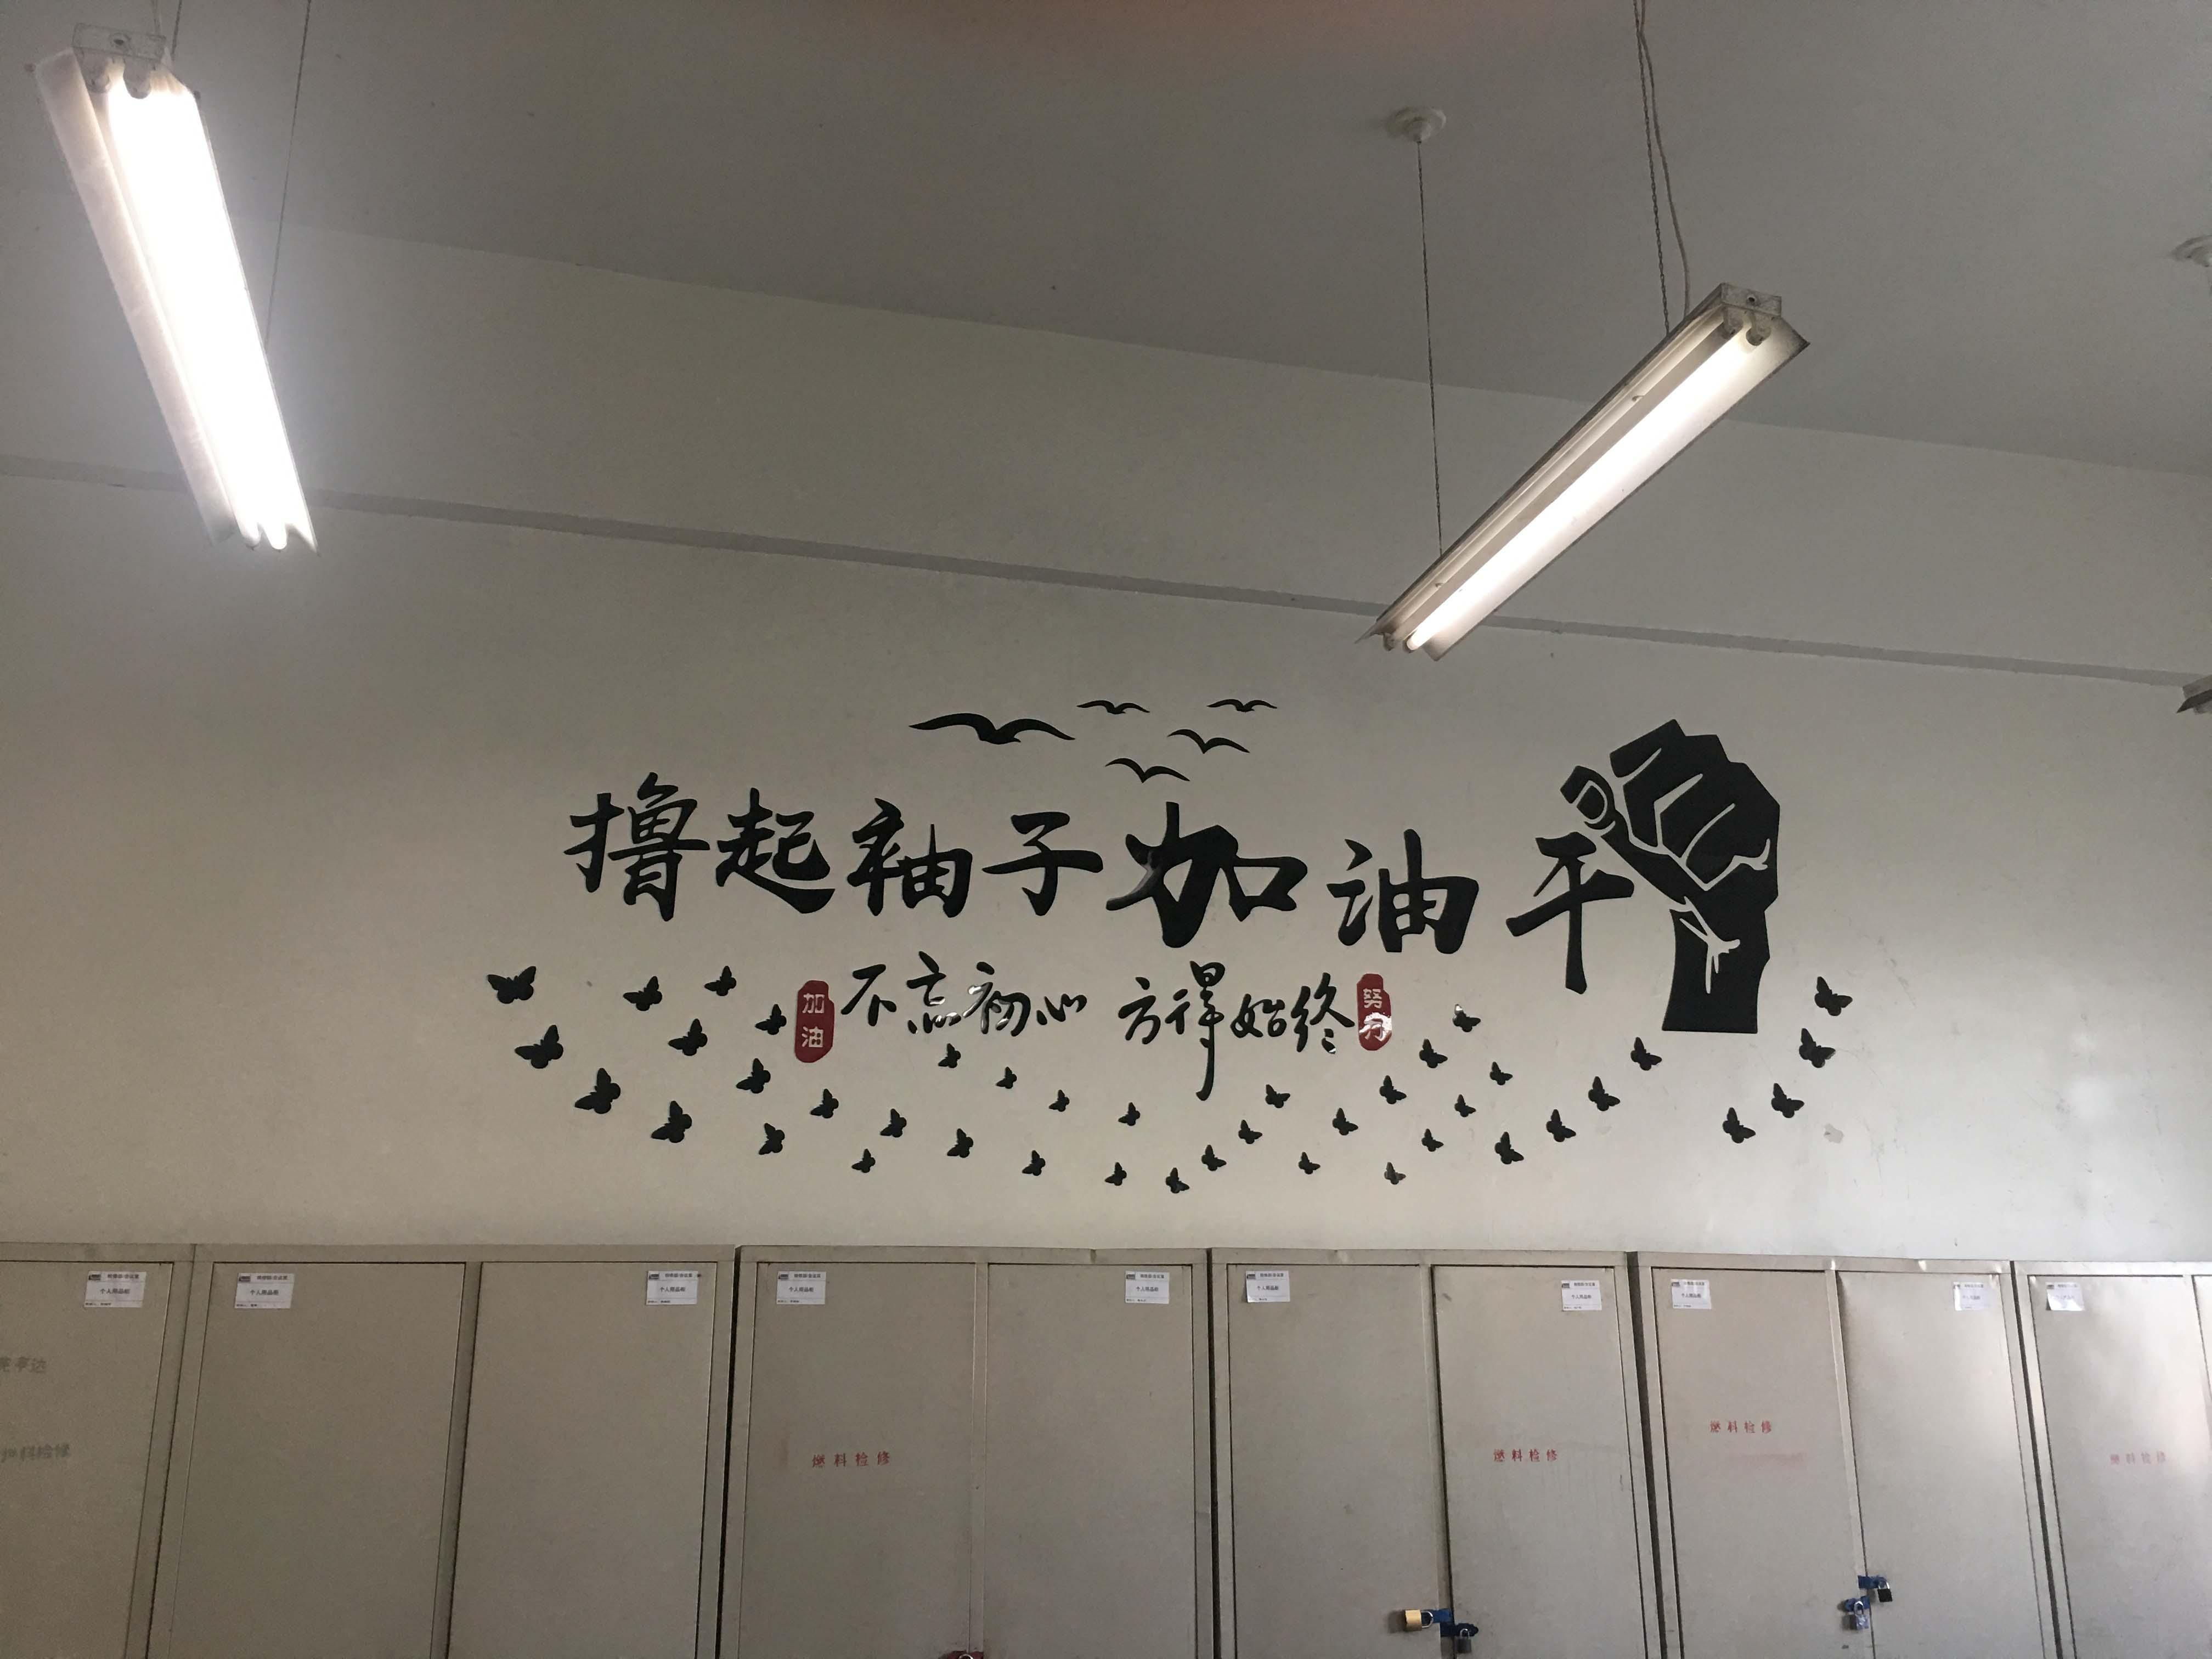 北京騰疆燃料檢修班組的工作口號.jpg